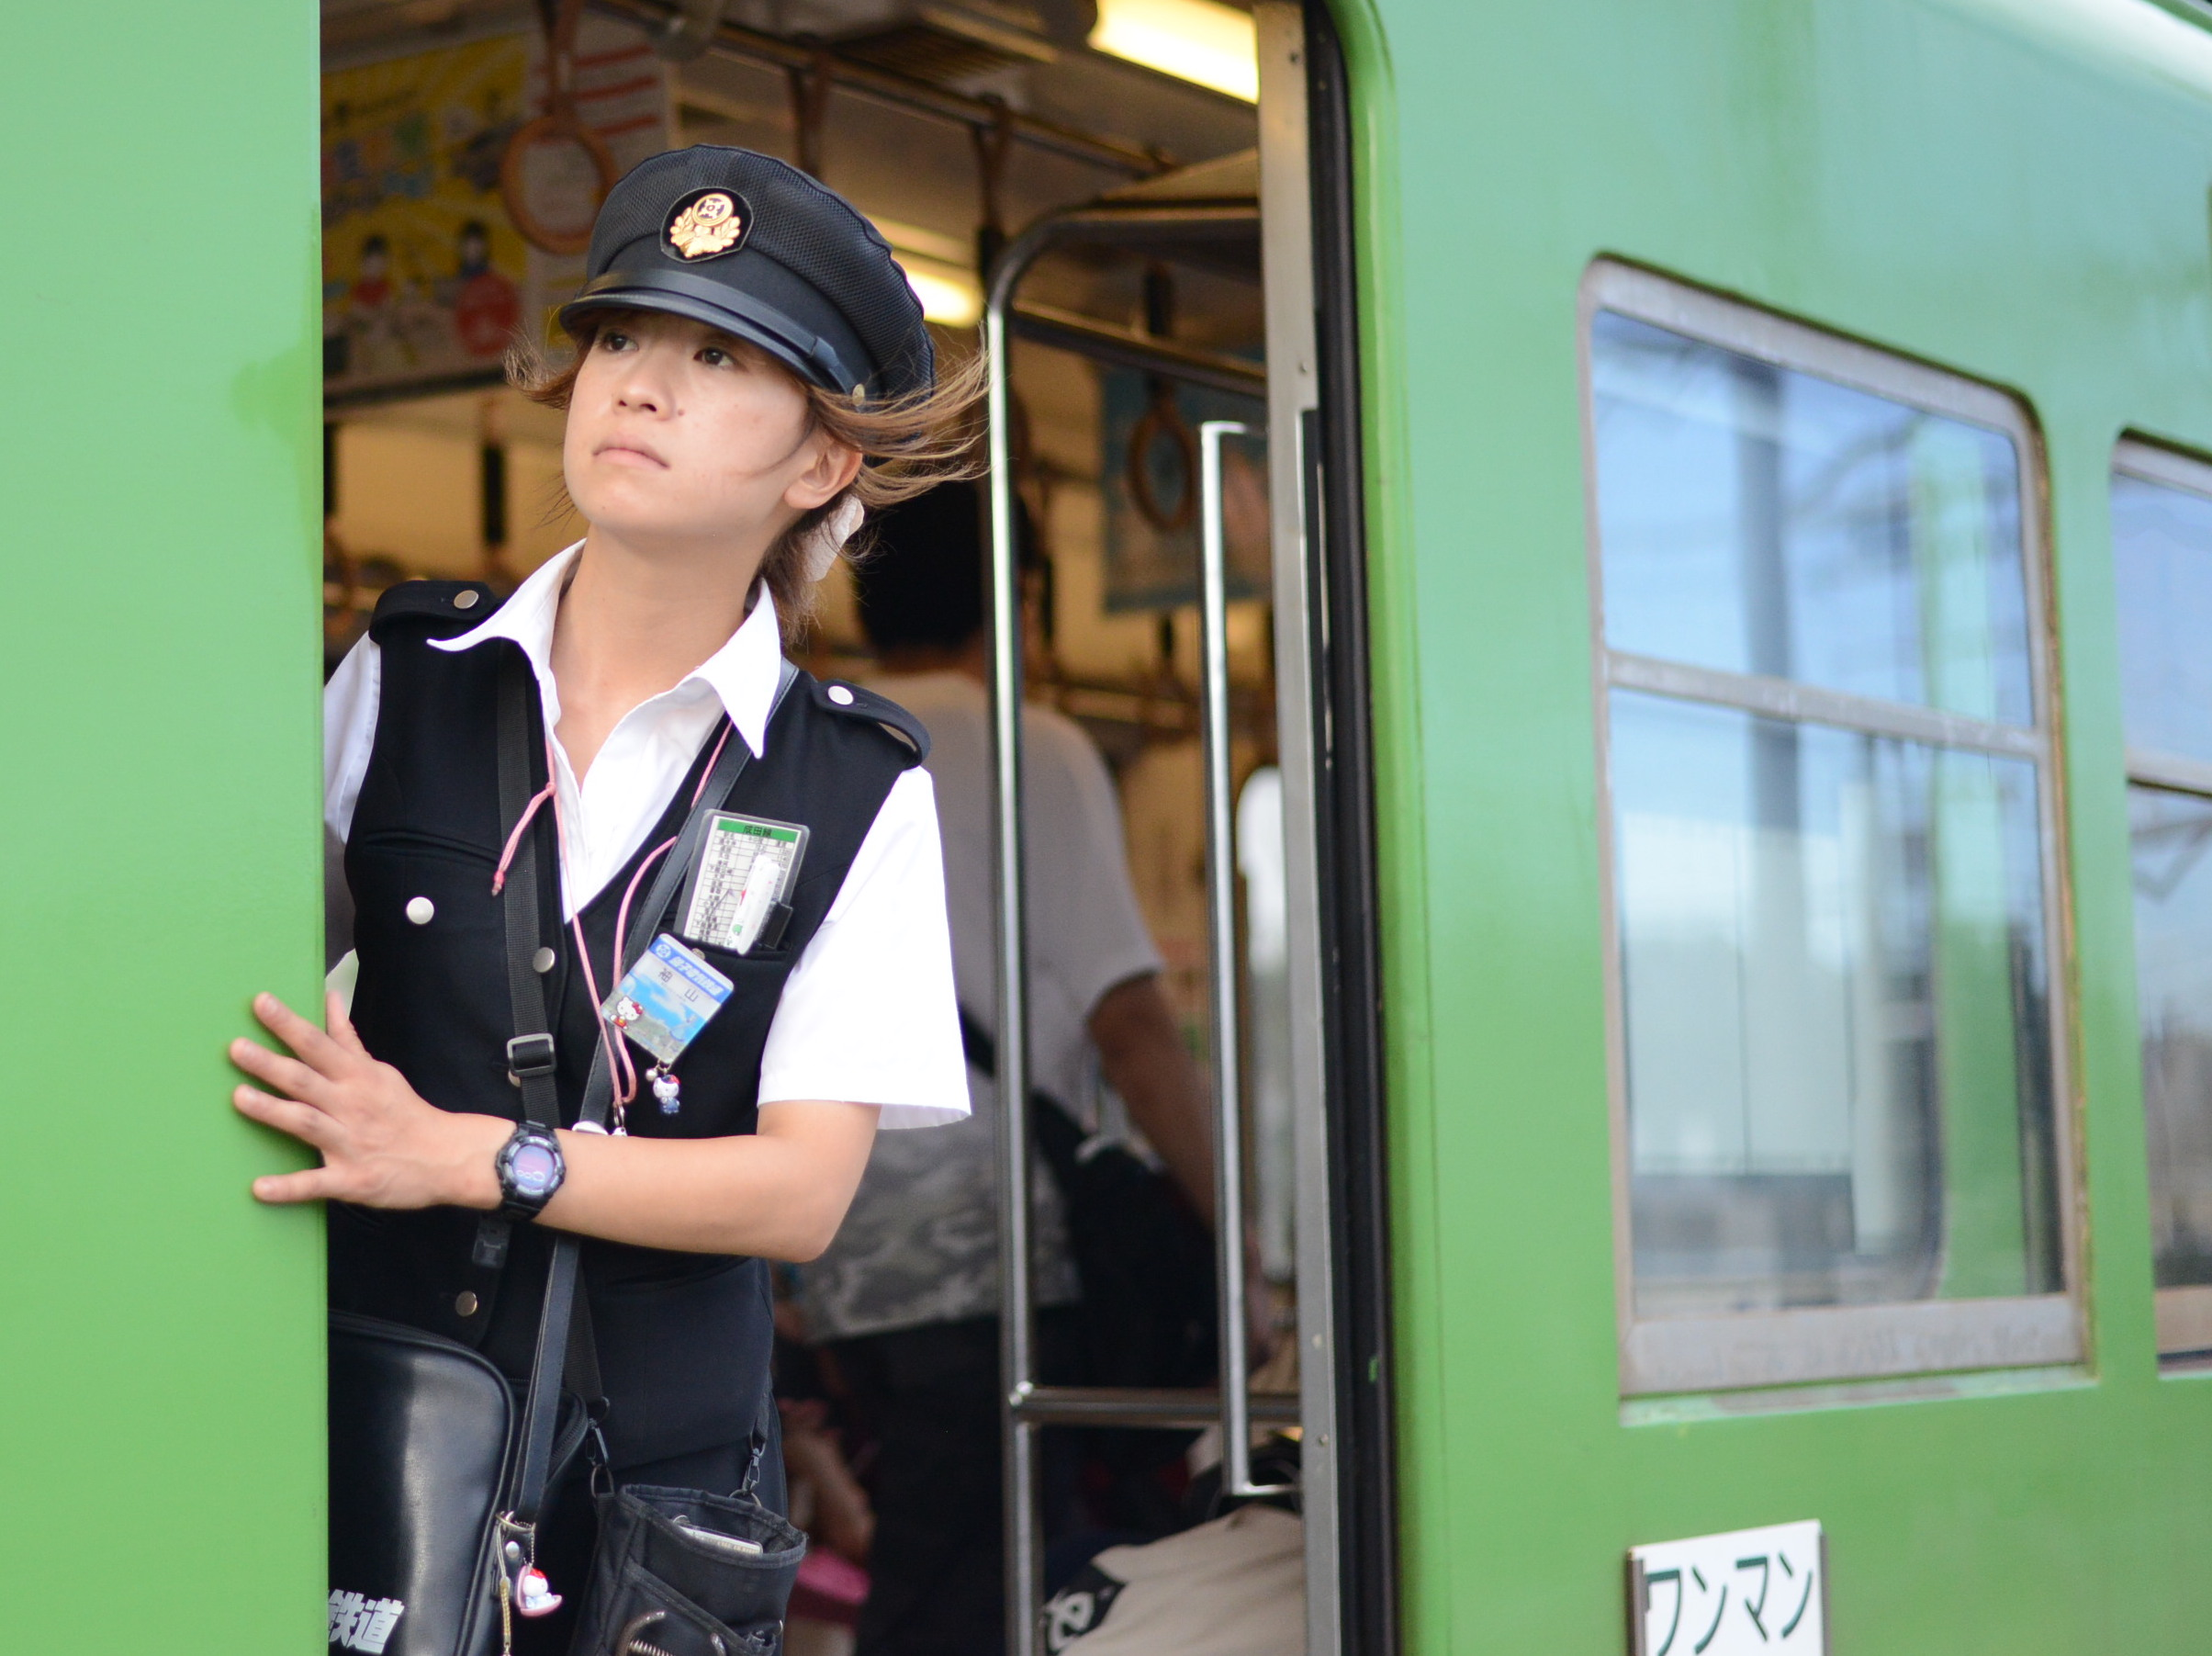 目標は定年まで働くこと!銚子電鉄唯一の女性車掌の毎日|話題のまずい棒についても聞いてみた